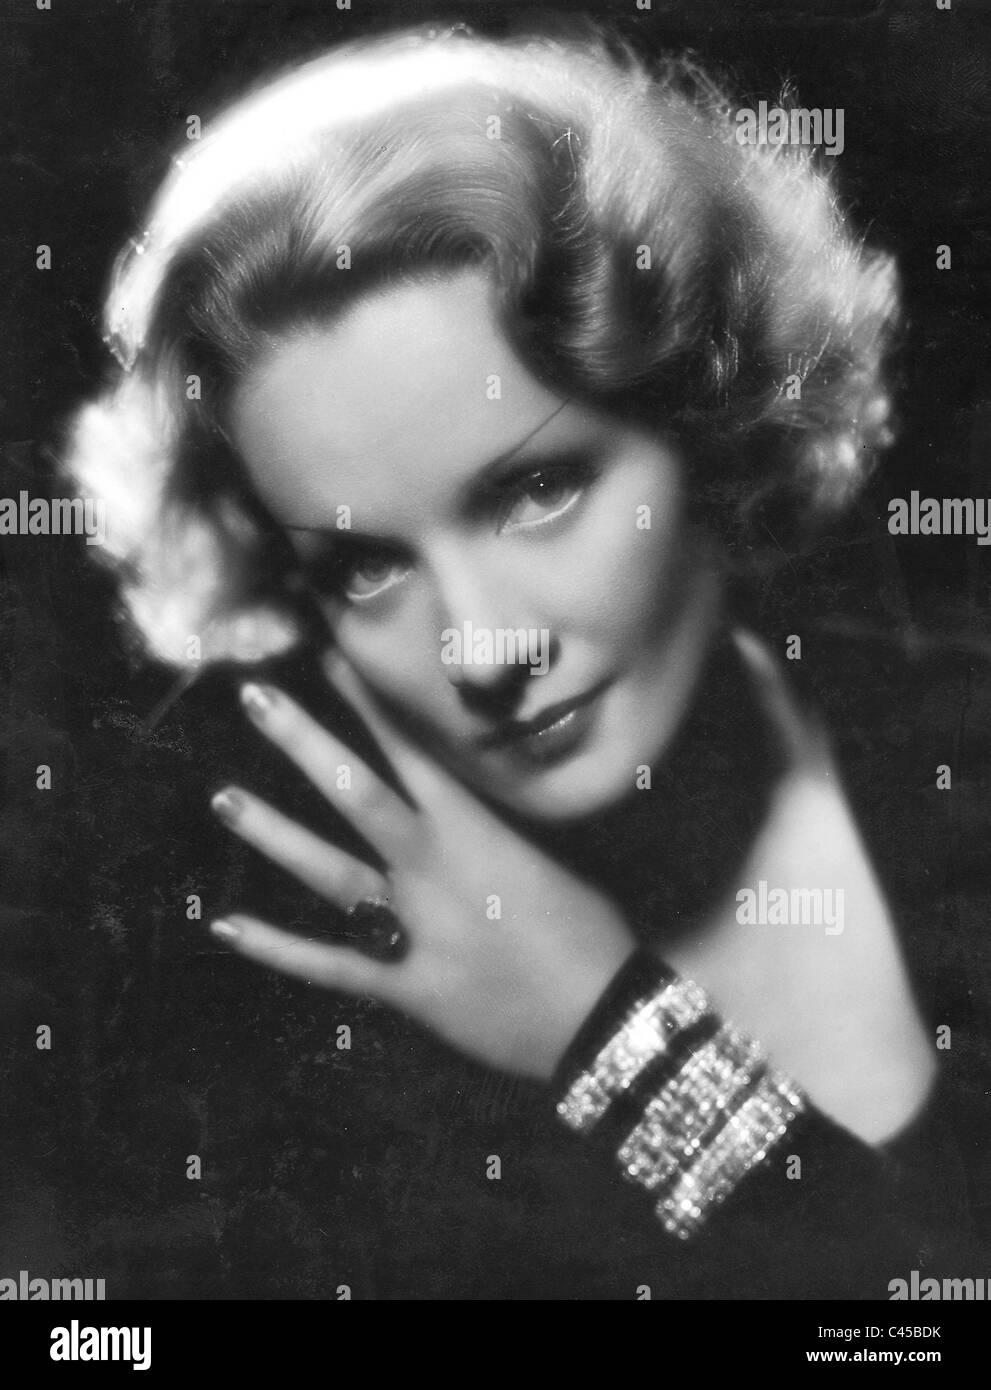 Marlene Dietrich dans les années 30 Photo Stock